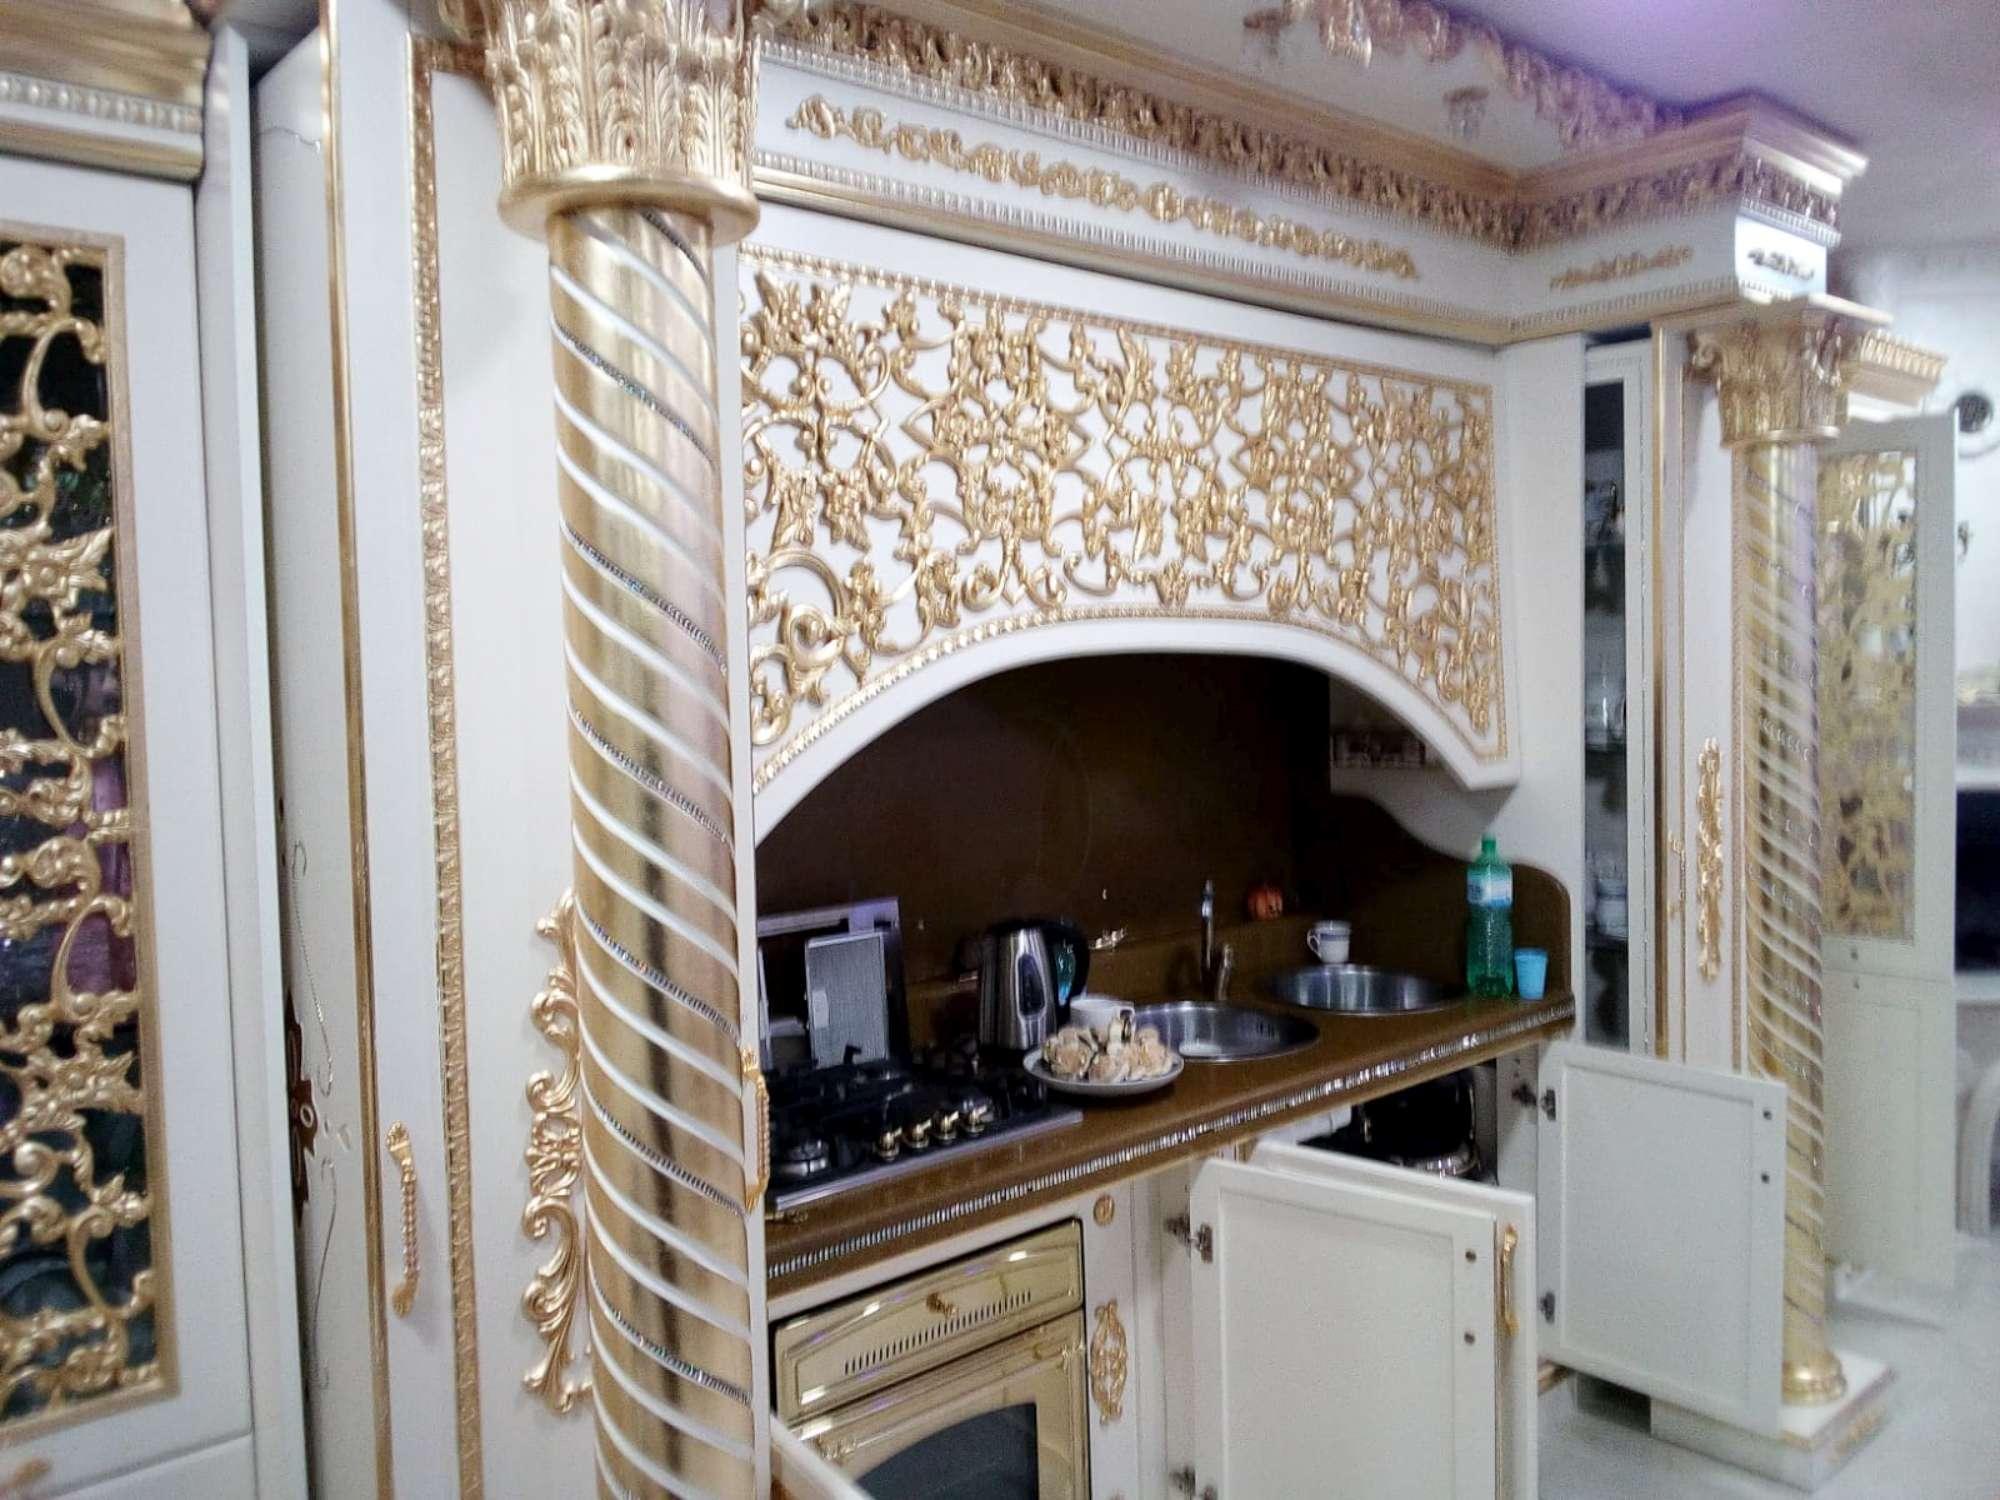 Tendaggi, statue e letti a baldacchino: gli interni delle ville dei Casamonica